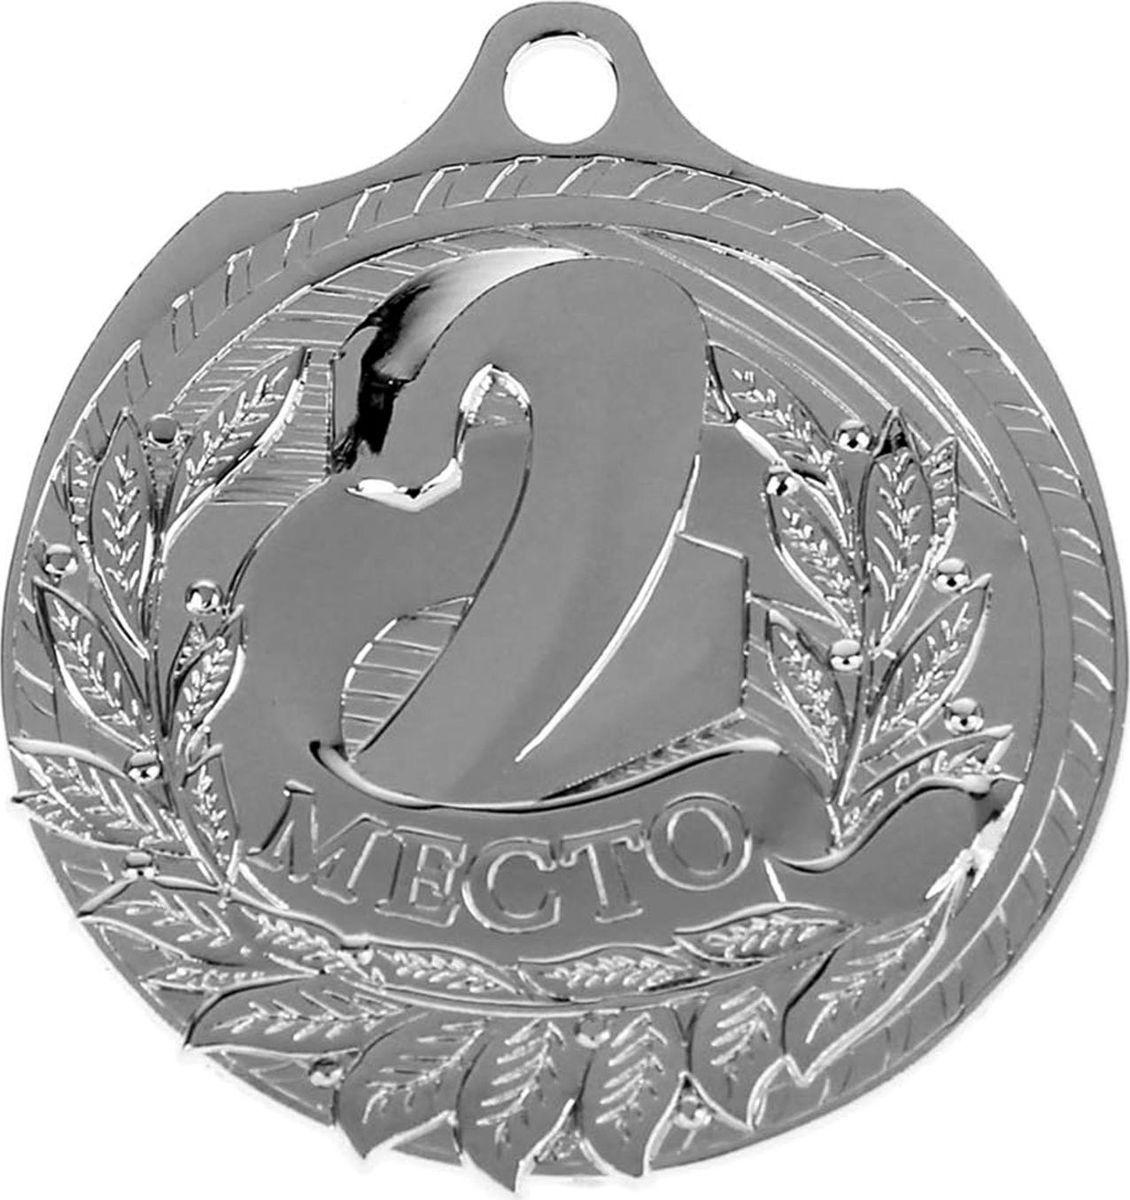 Медаль сувенирная 2 место, цвет: серебристый, диаметр 5 см. 0301040399Эта универсальная медаль с классическим дизайном подойдёт для любых соревнований. вы сможете дополнить её персональной гравировкой или корпоративной символикой.Если необходимо подчеркнуть важность домашнего или корпоративного спортивного мероприятия, то оригинальным и запоминающимся итогом соревнований будет вручение медалей участникам и победителям. Диаметр медали: 5 см. Сверху расположено отверстие для крепления ленты.